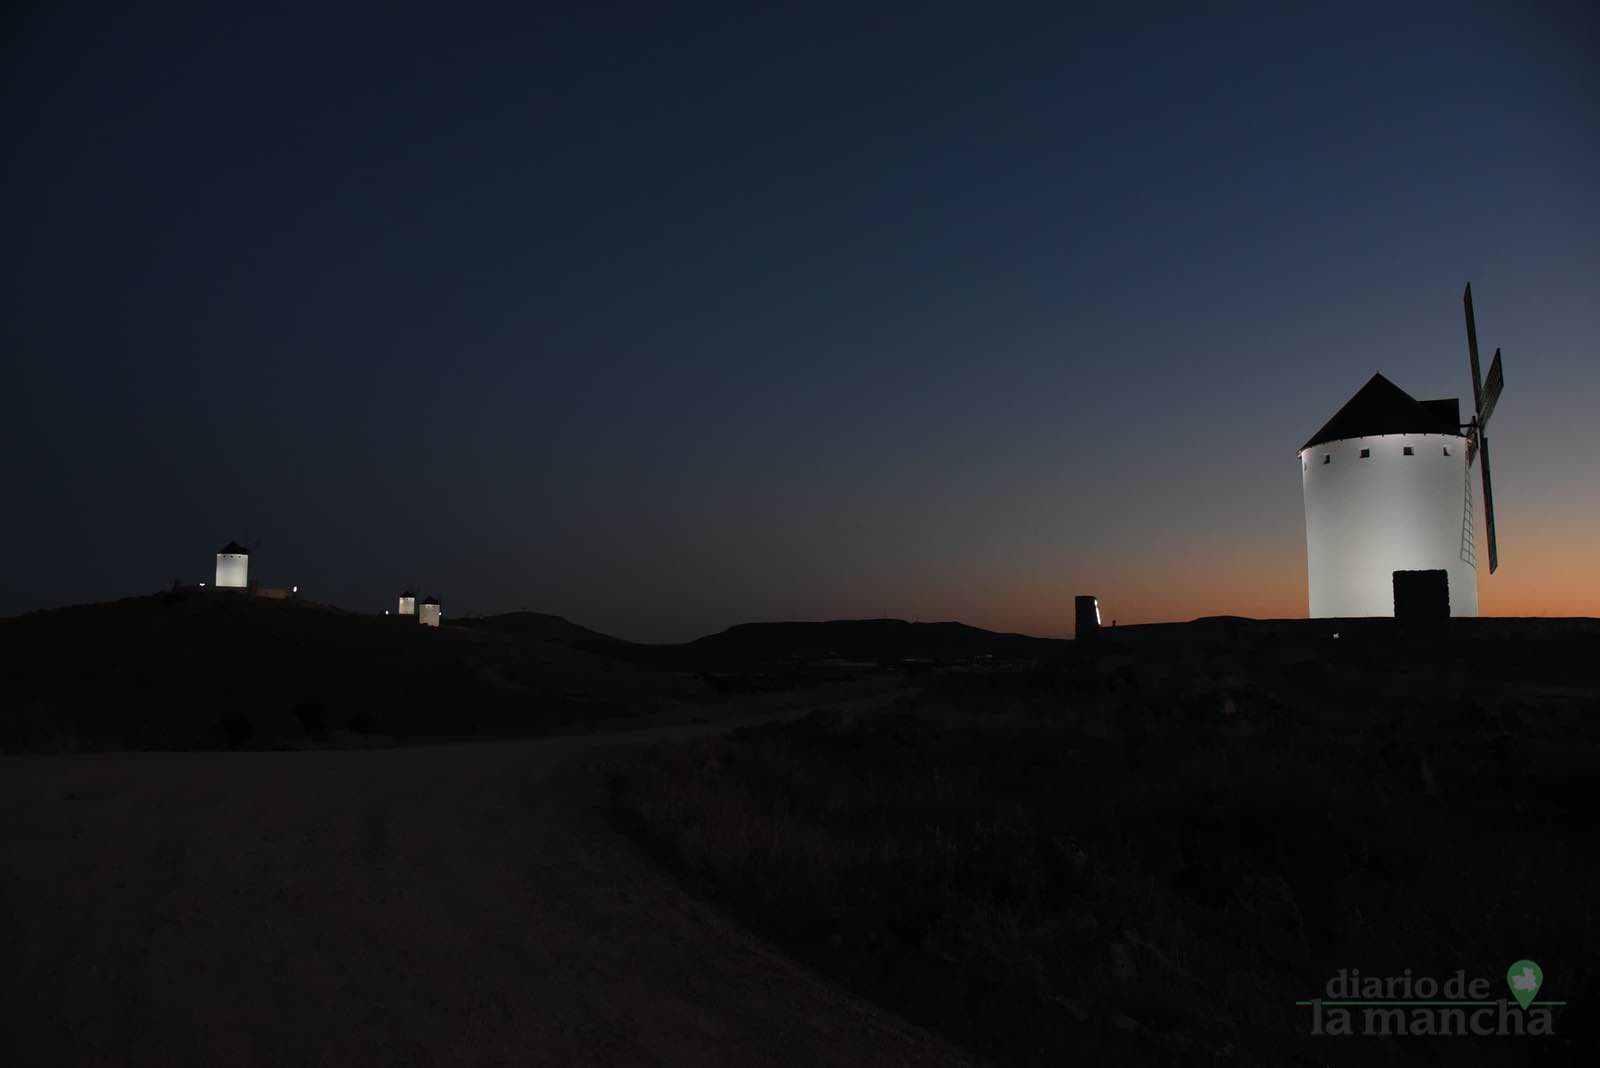 Herencia vuelve a inaugurar con una nueva iluminación artística sus molinos de viento 44